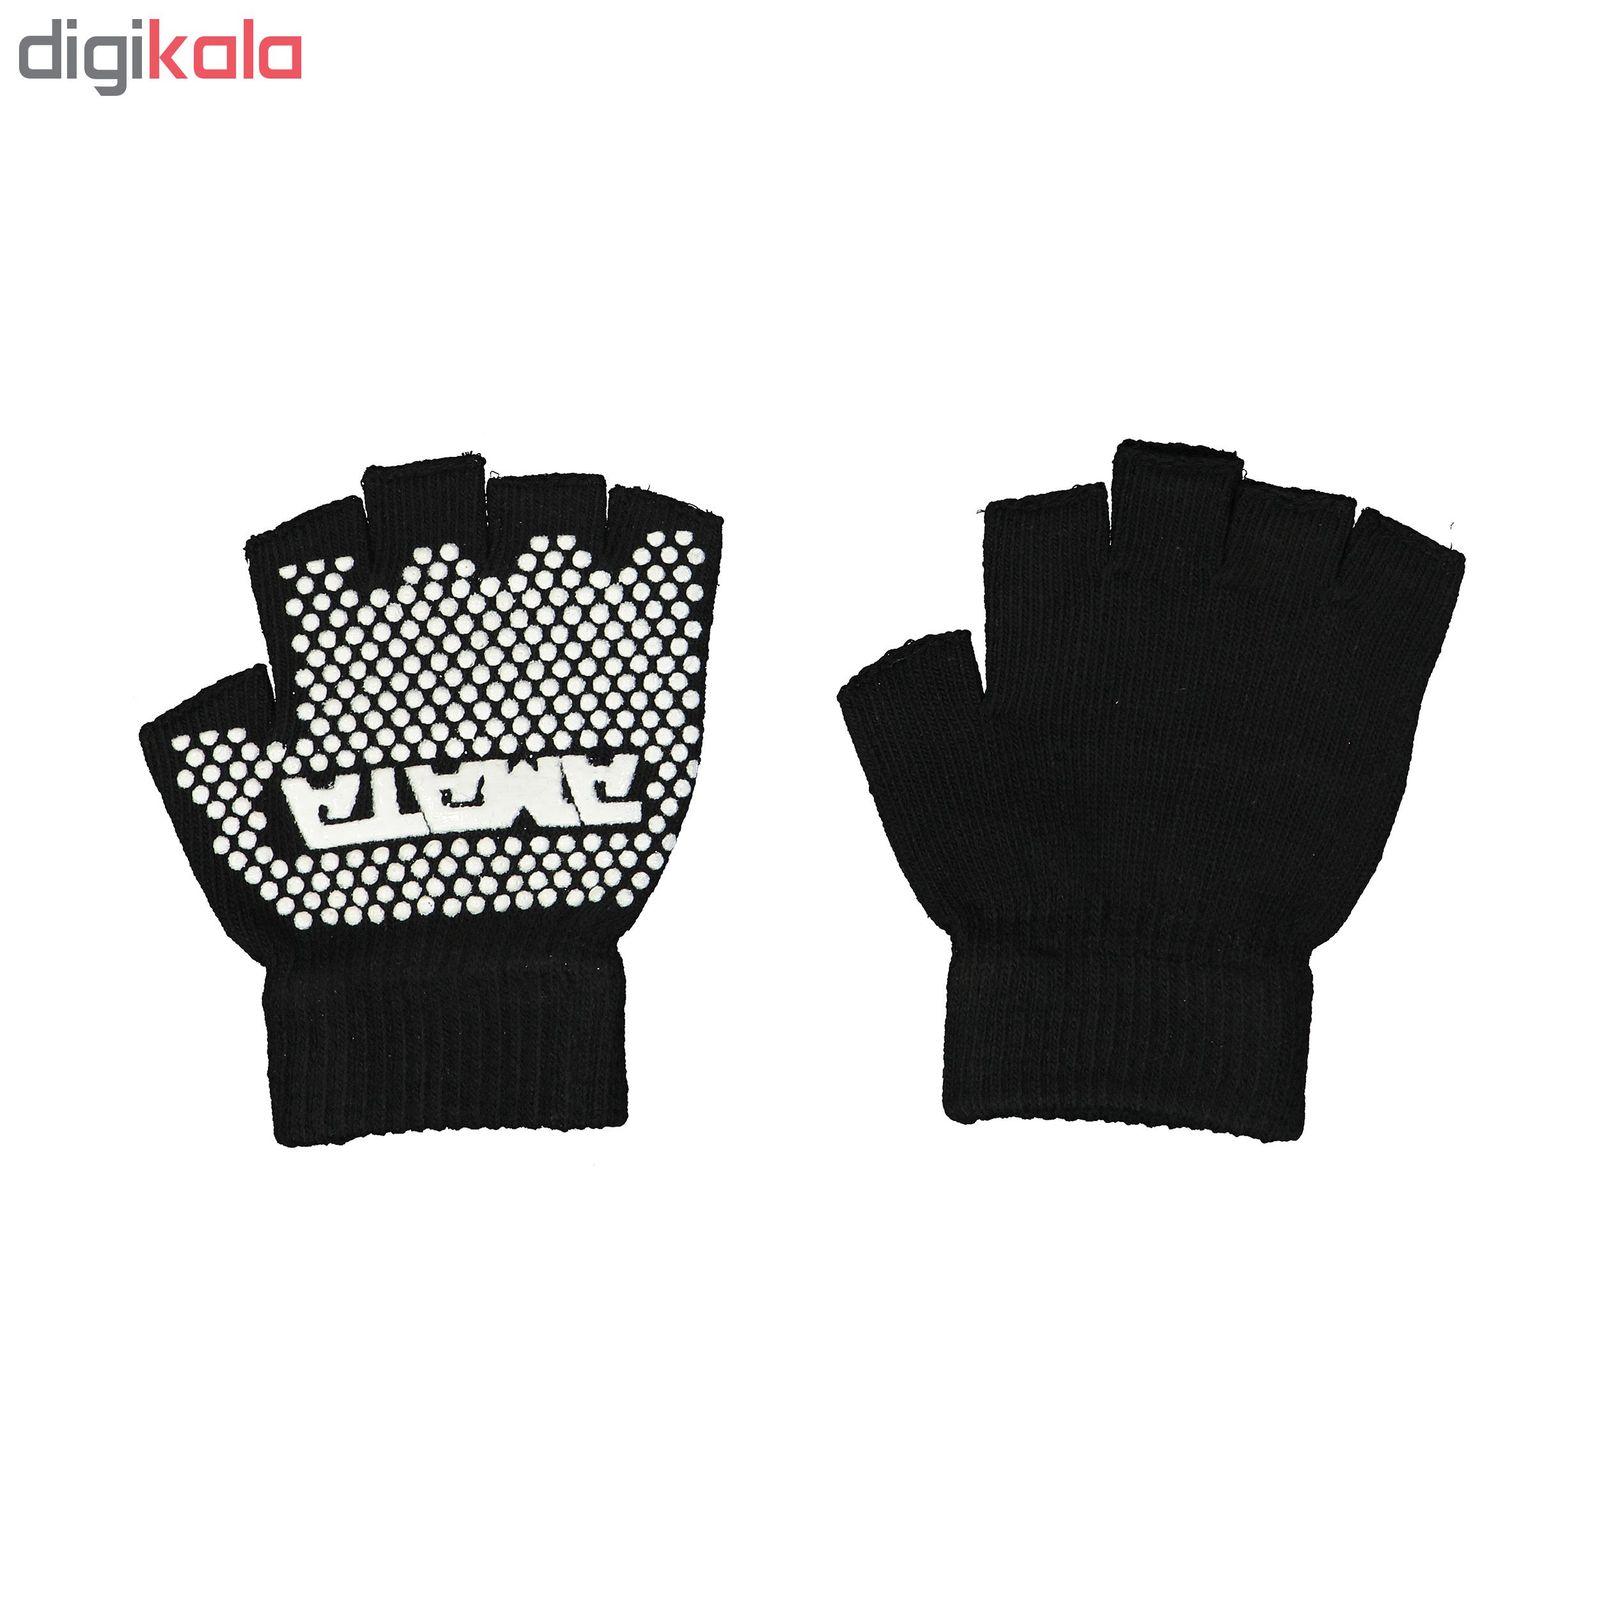 دستکش ورزشی کد 105 main 1 3